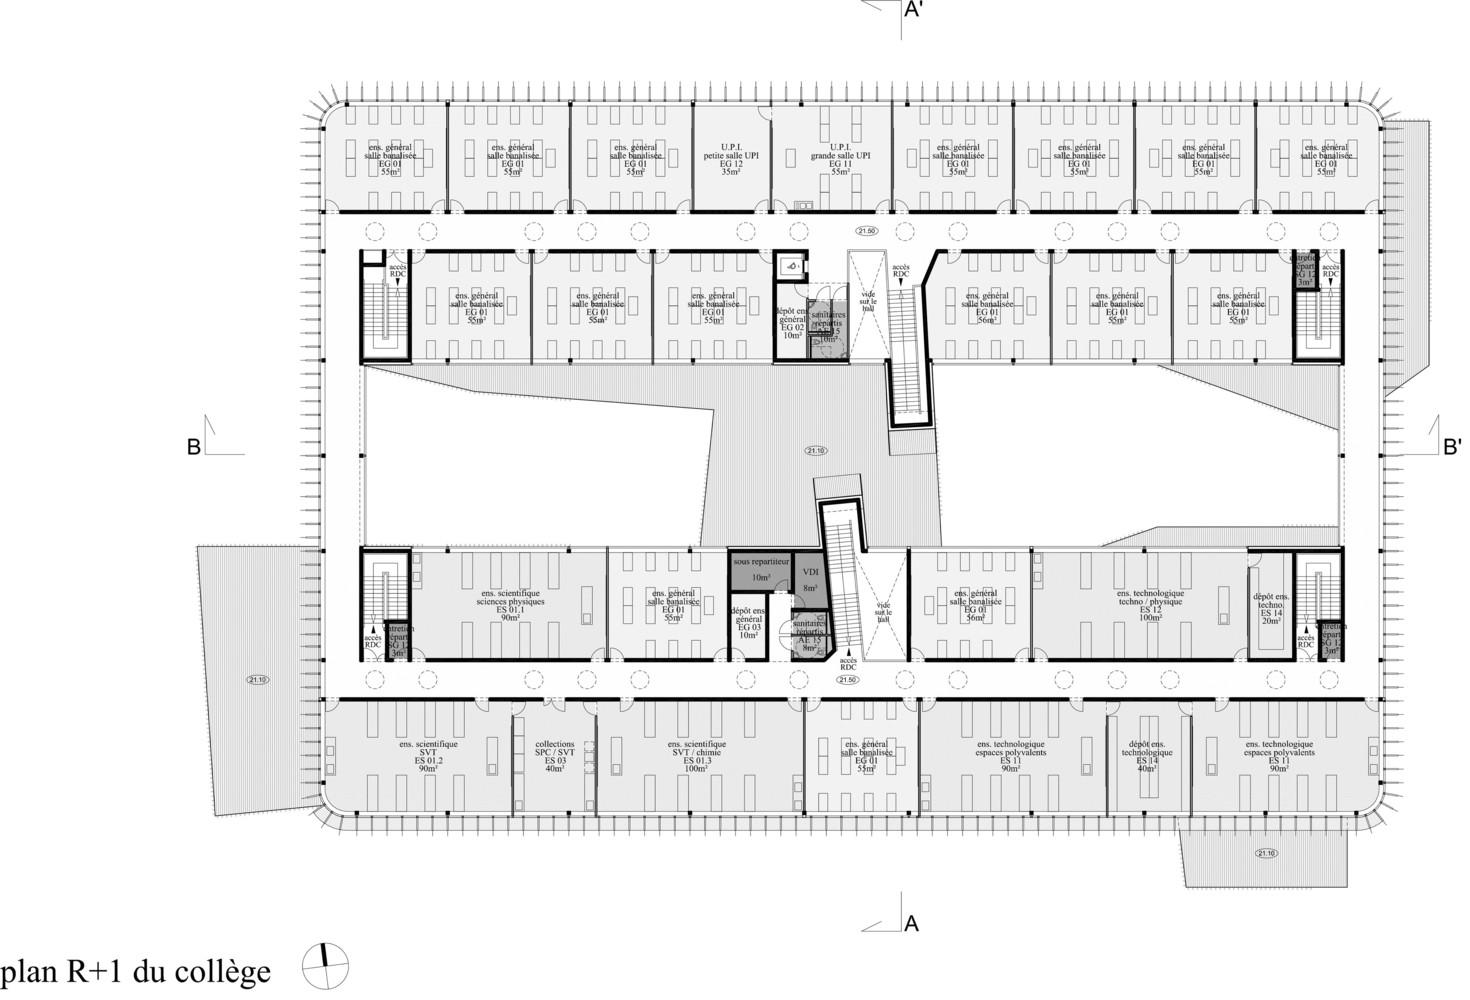 Anne de bretagne secondary schoolfloor plan